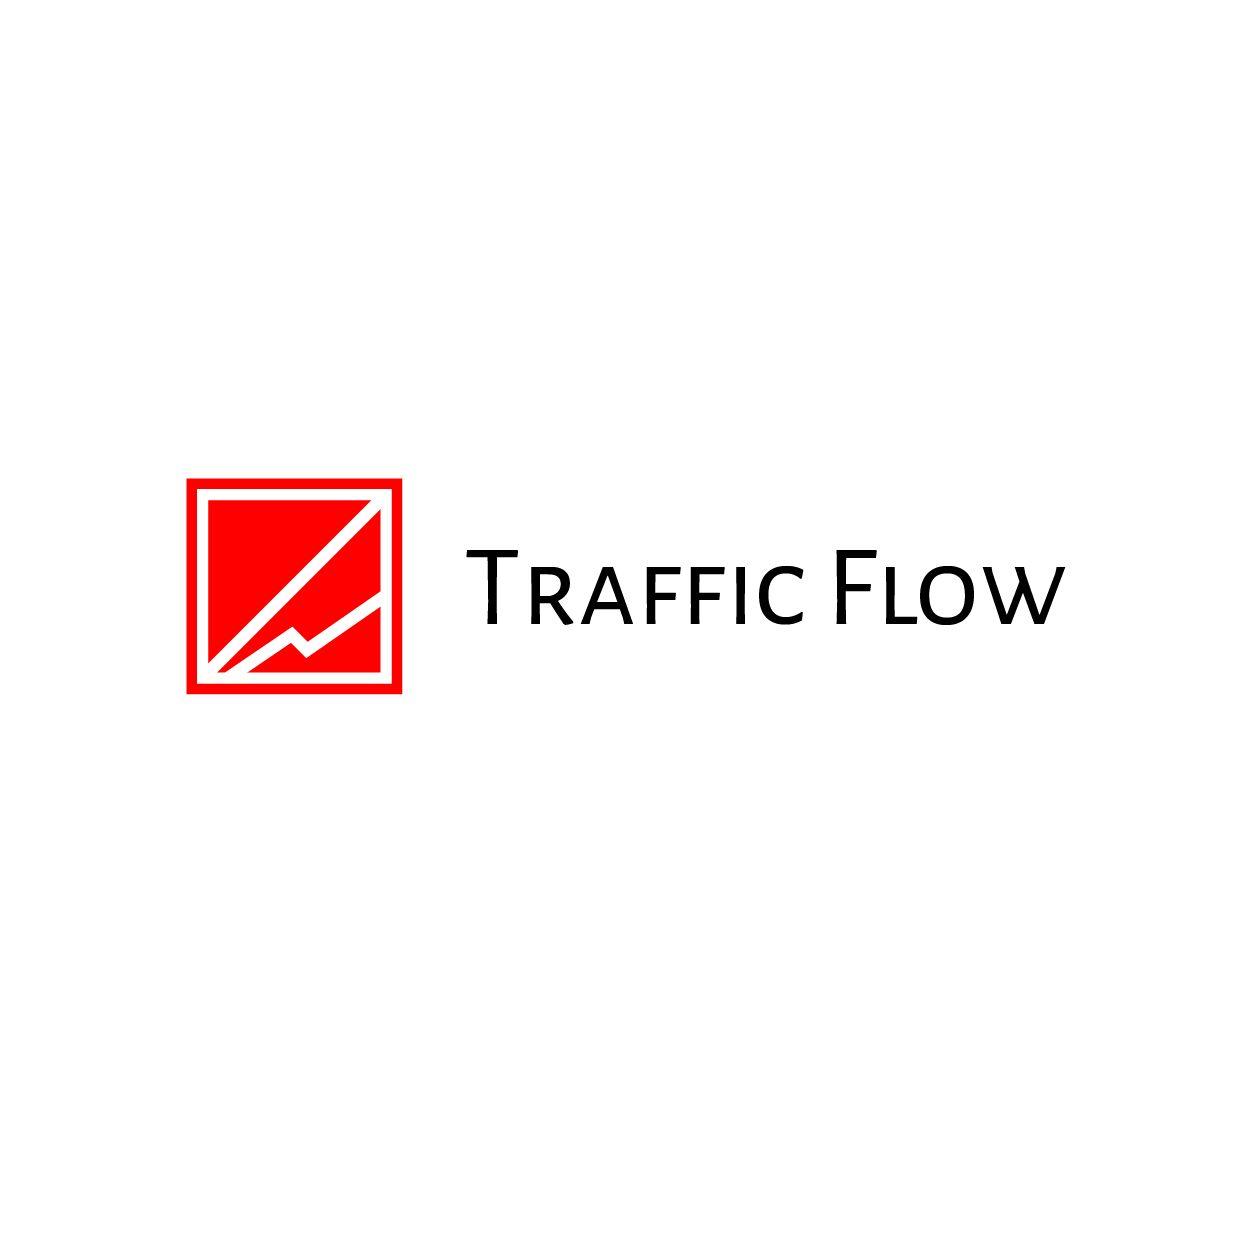 Лого и фирменный стиль для Traffic Flow - дизайнер Tamara_V